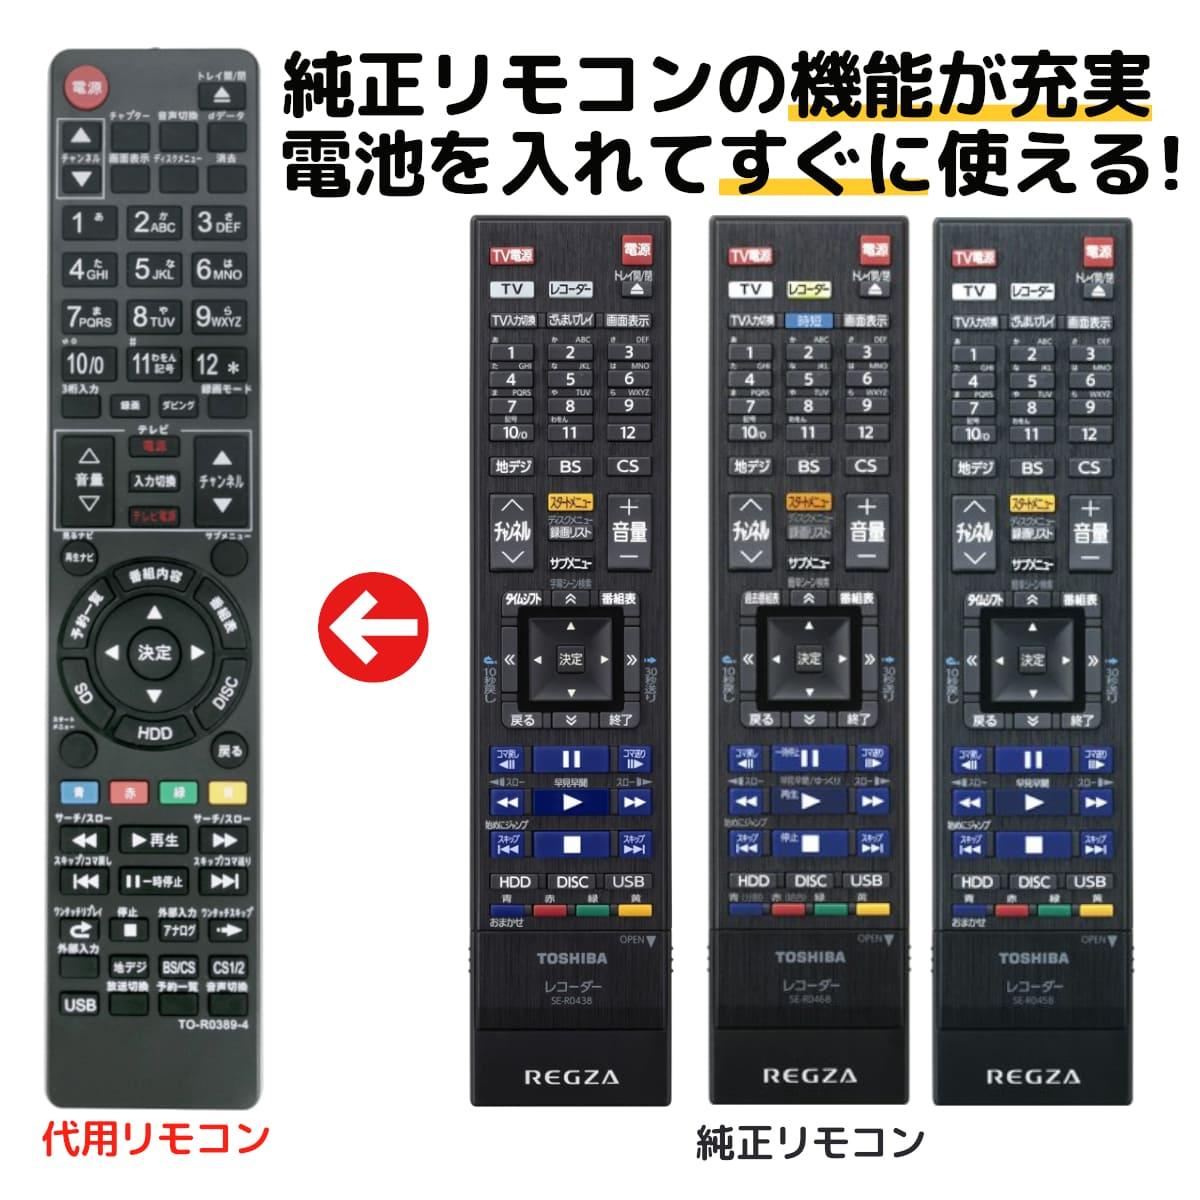 純正品よりお安く純正の機能がそのまま使えます 高い素材 東芝 レグザ リモコン ブルーレイ SE-R0428 SE-R0372 SE-R0389 リスタ TOSHIBA REGZA SE-R0415 代用リモコン 予約